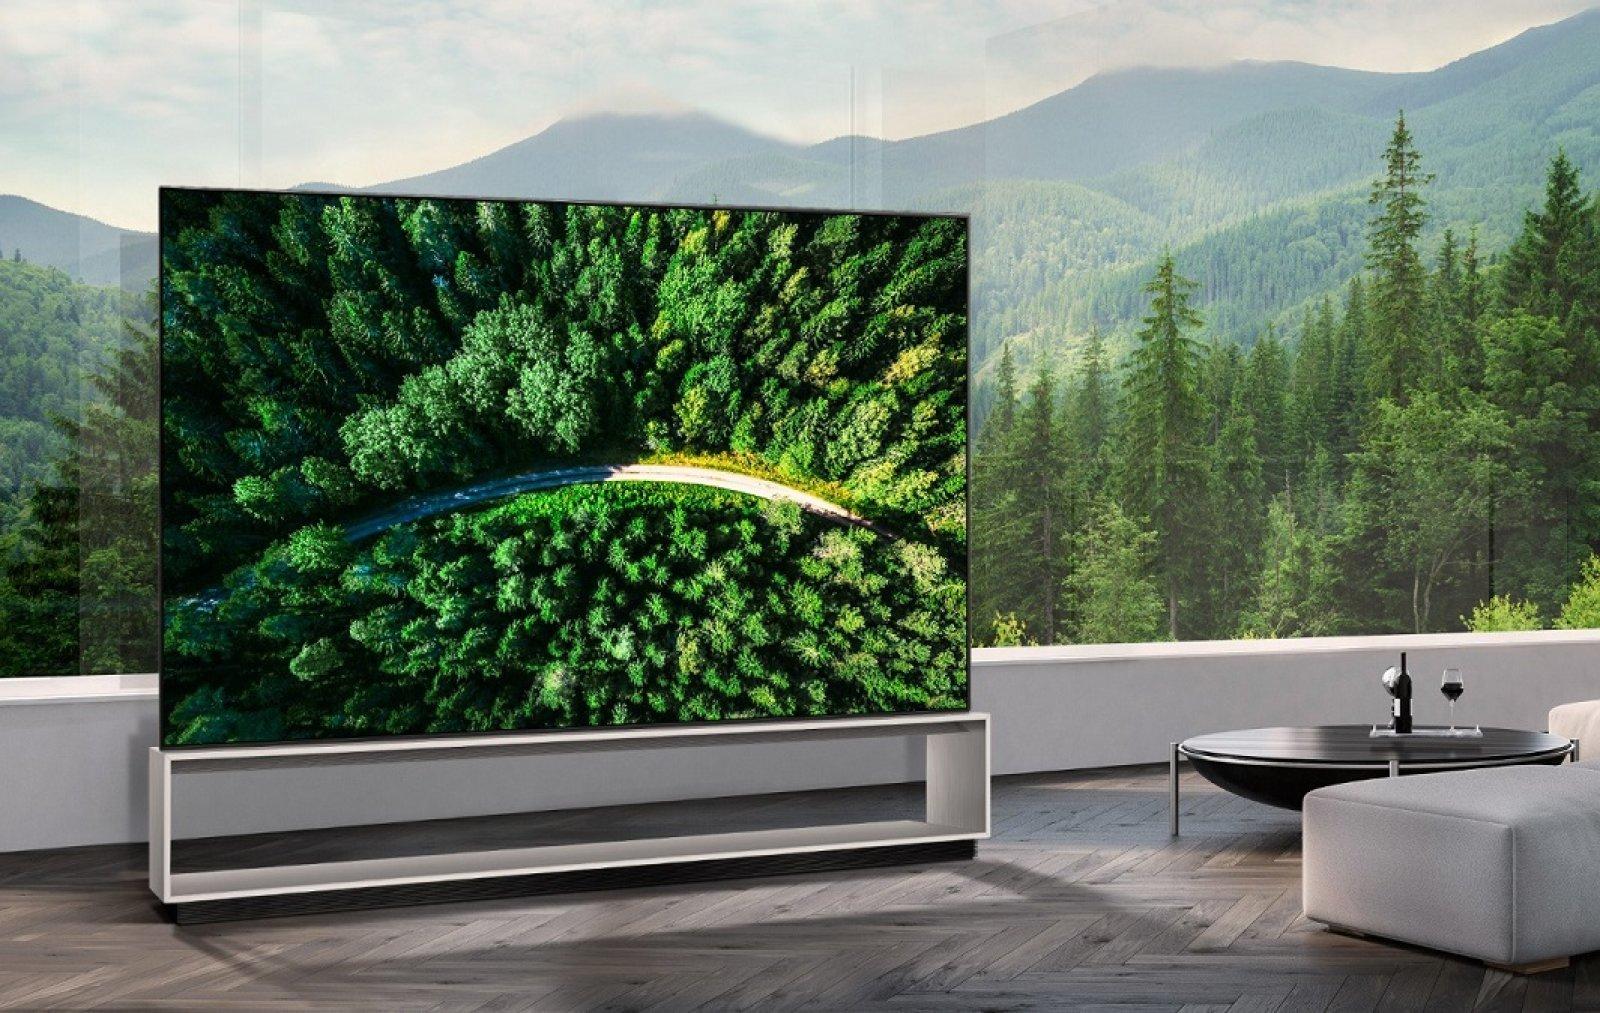 TV QLED 8K của Samsung sẽ là một trong những TV đầu tiên được Hiệp hội 8K chứng nhận - 2